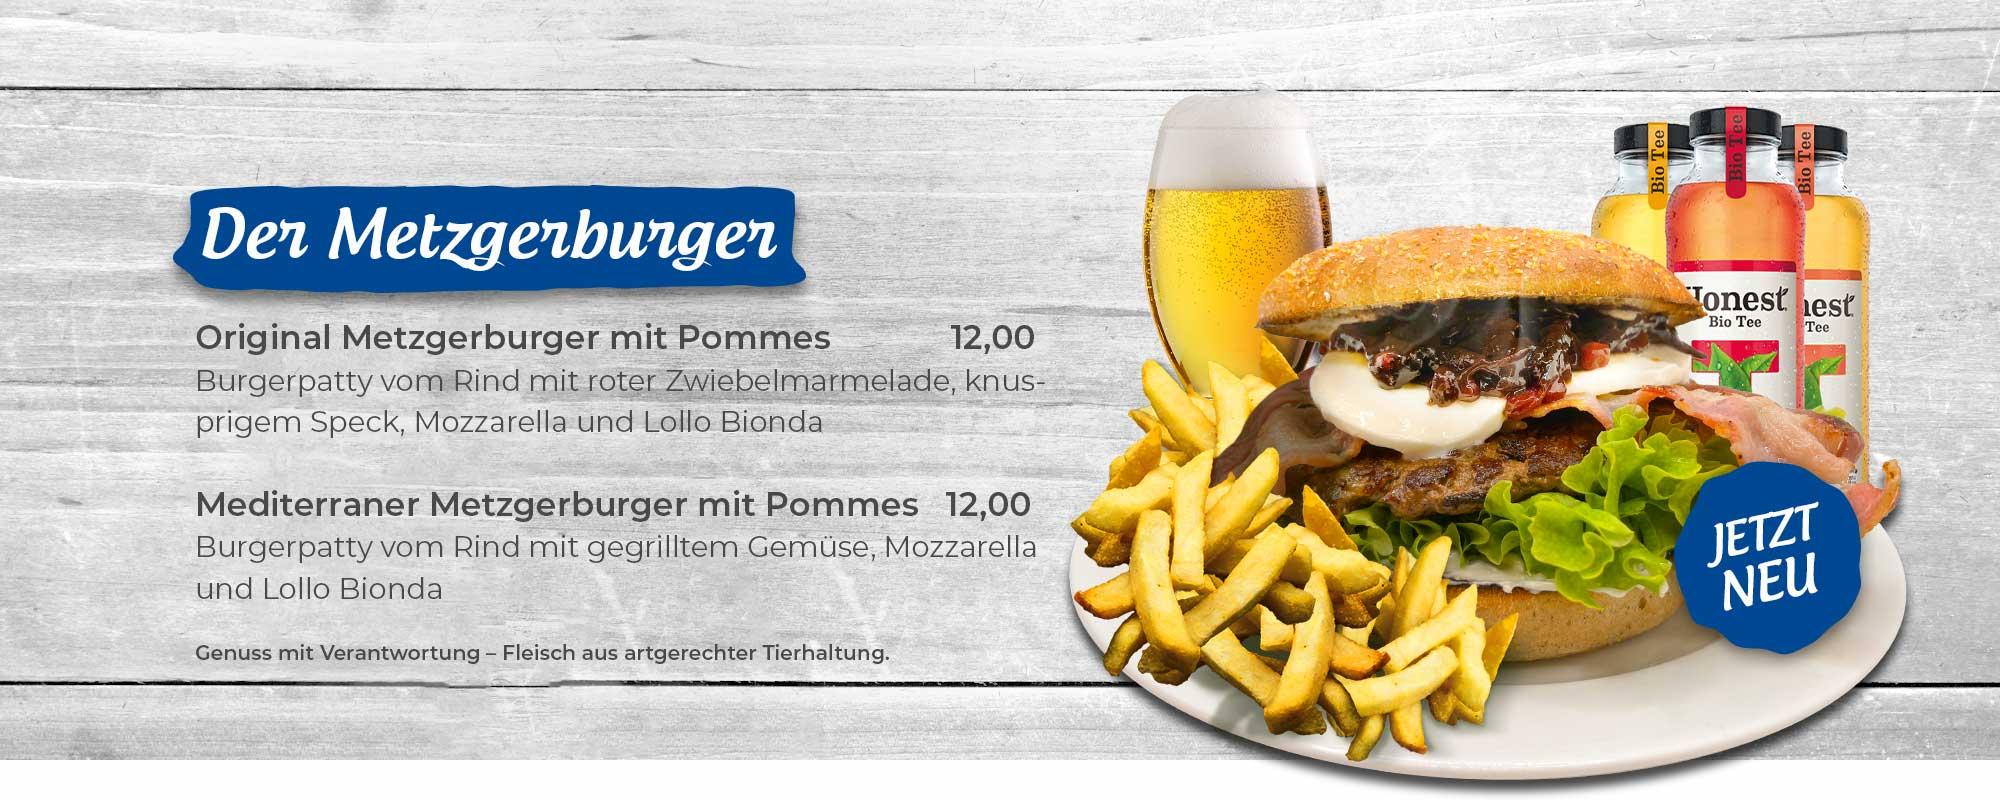 Angebot Metzgerburger mit einem großen Burger mit Pommes Frites und Bacon